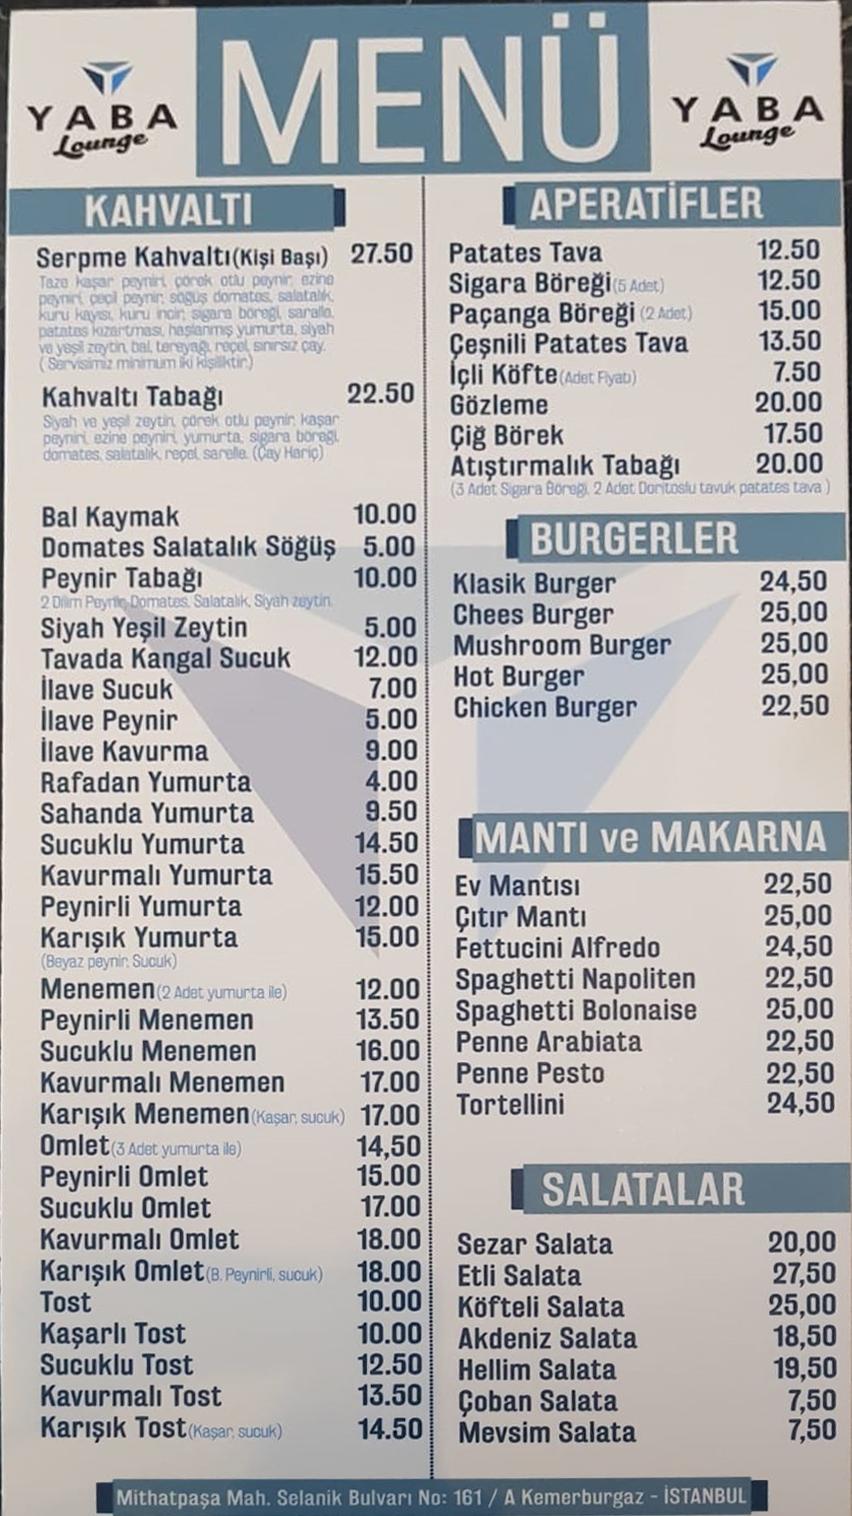 Yaba Lounge Menü